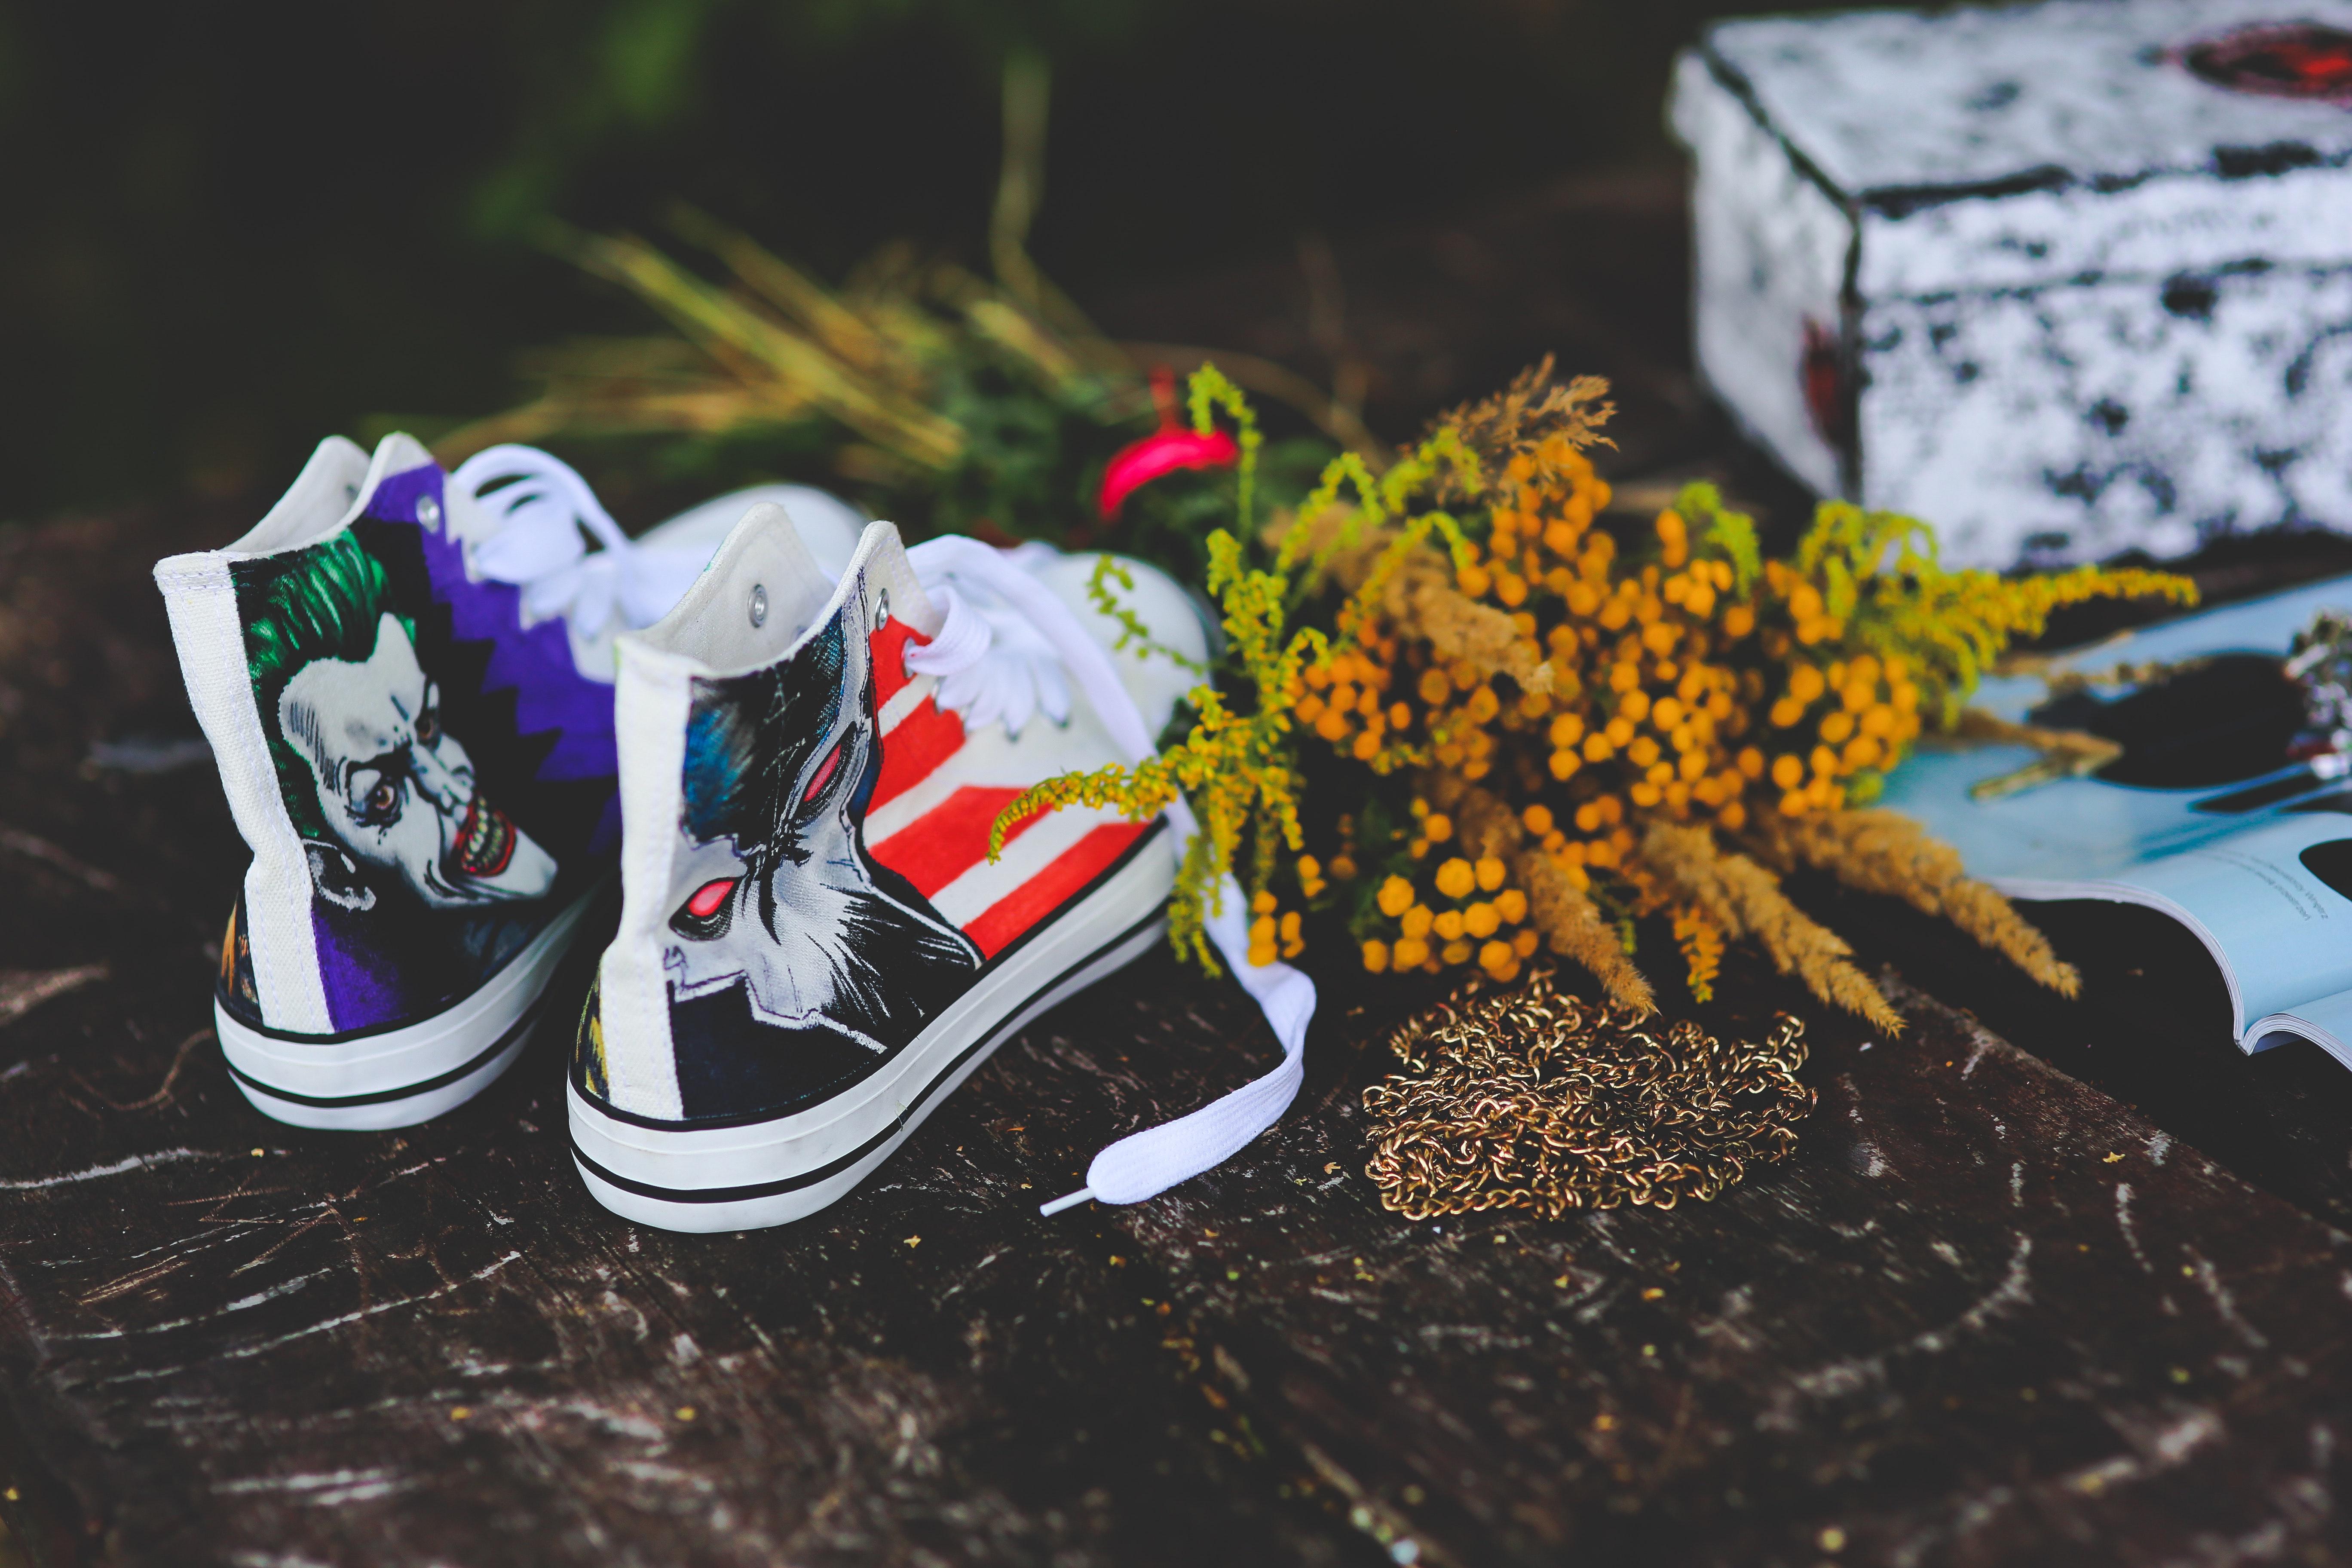 Unusual sneakers photo